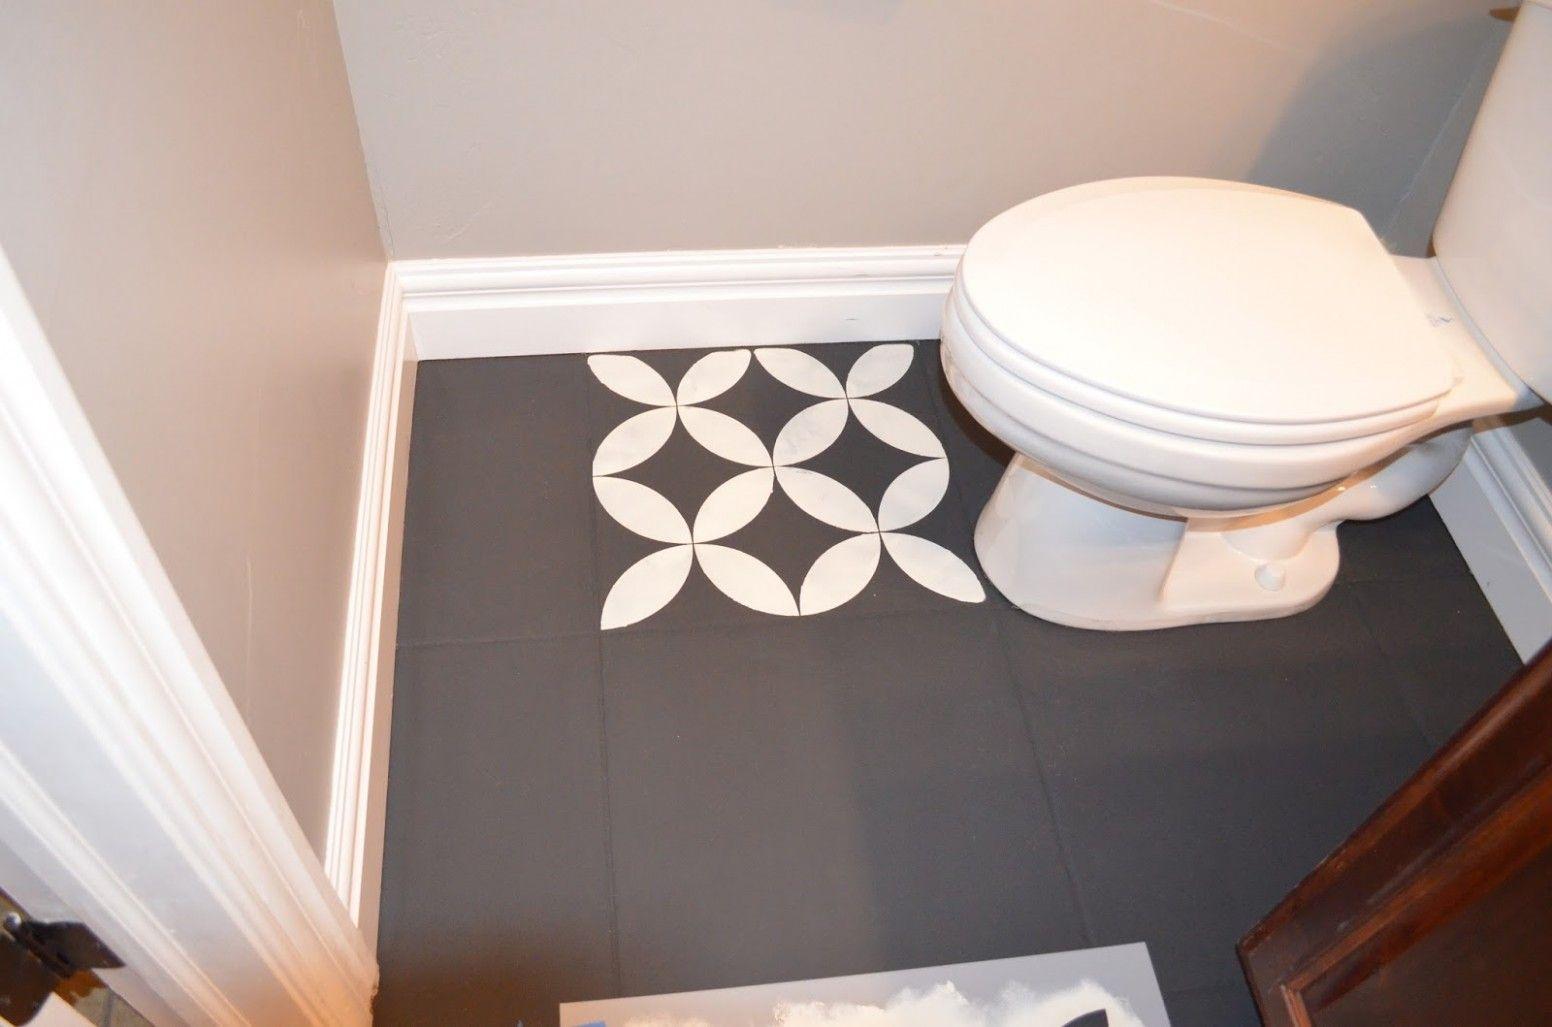 Bathroom Wall Tiles Bunnings V 2020 G Zhivopis Pokraska Vannoj Plitka Dlya Sten V Vannoj